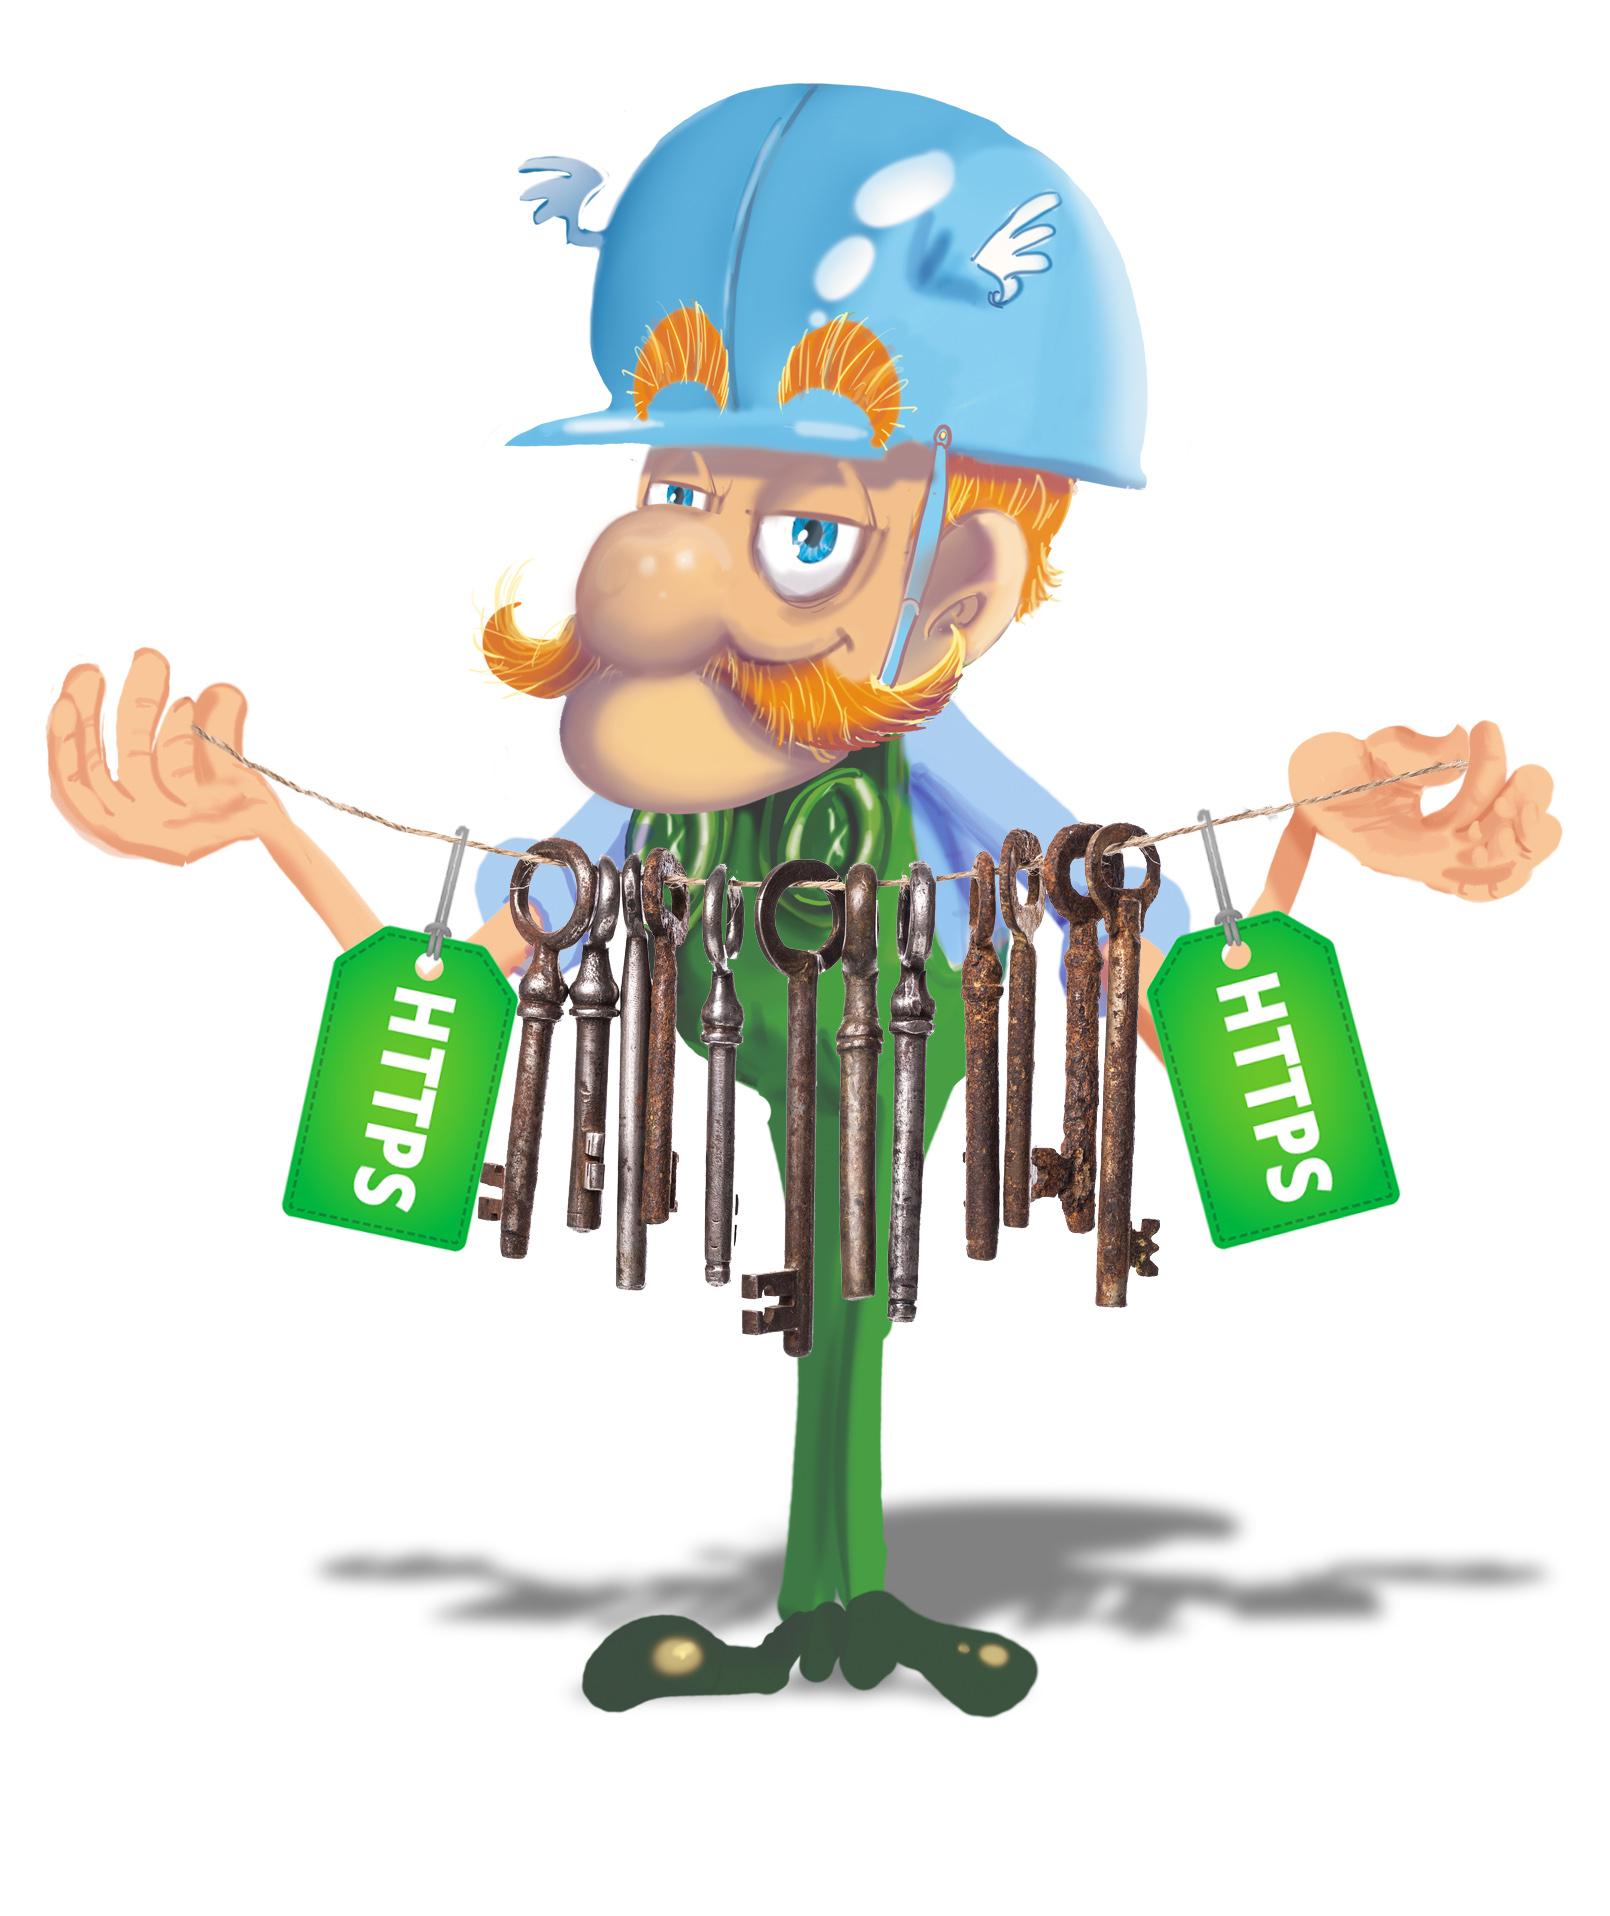 HTTPS - zabezpeceni eshopu zdarma